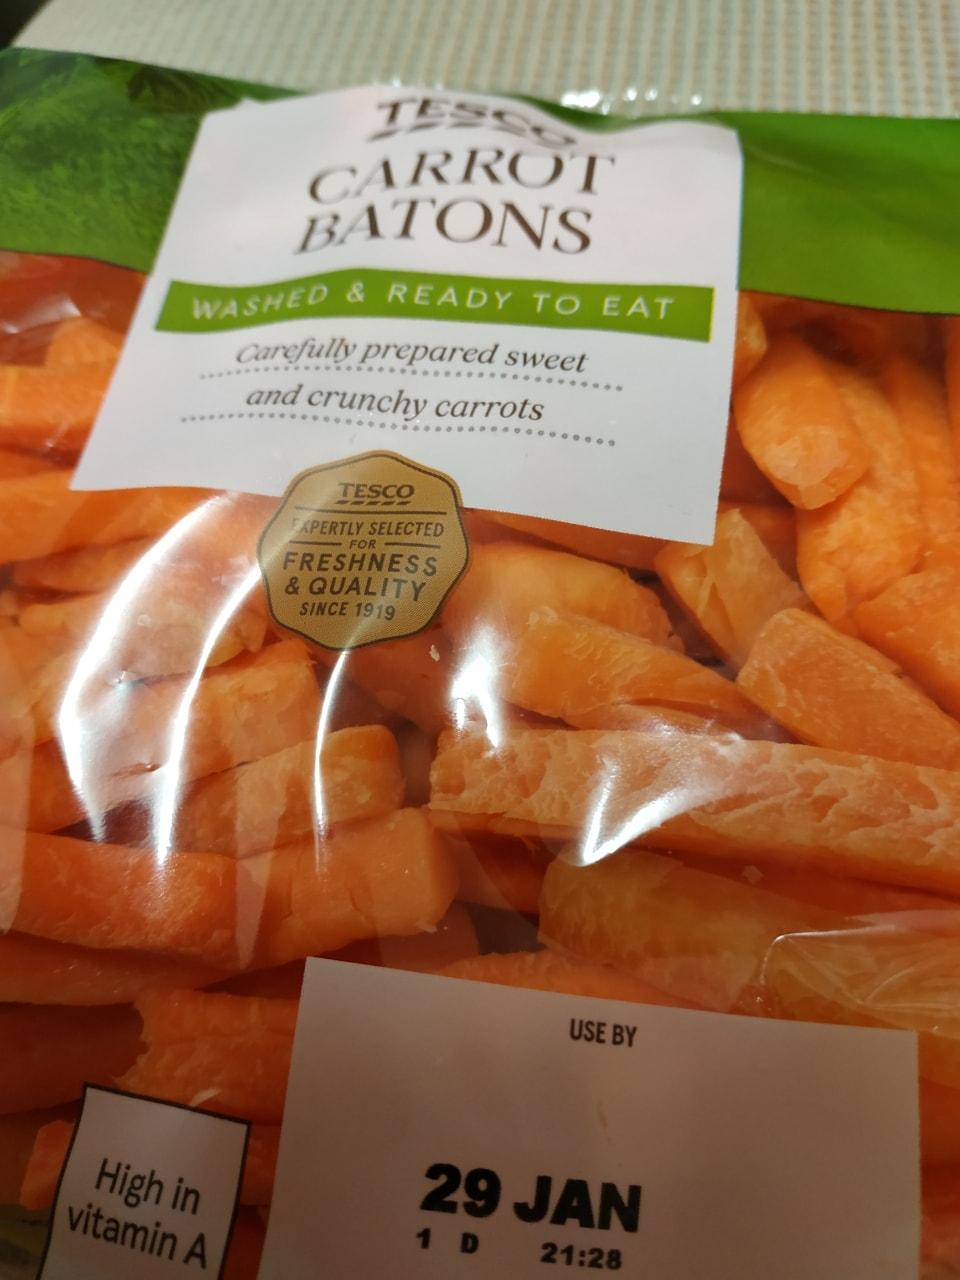 Carrot battons